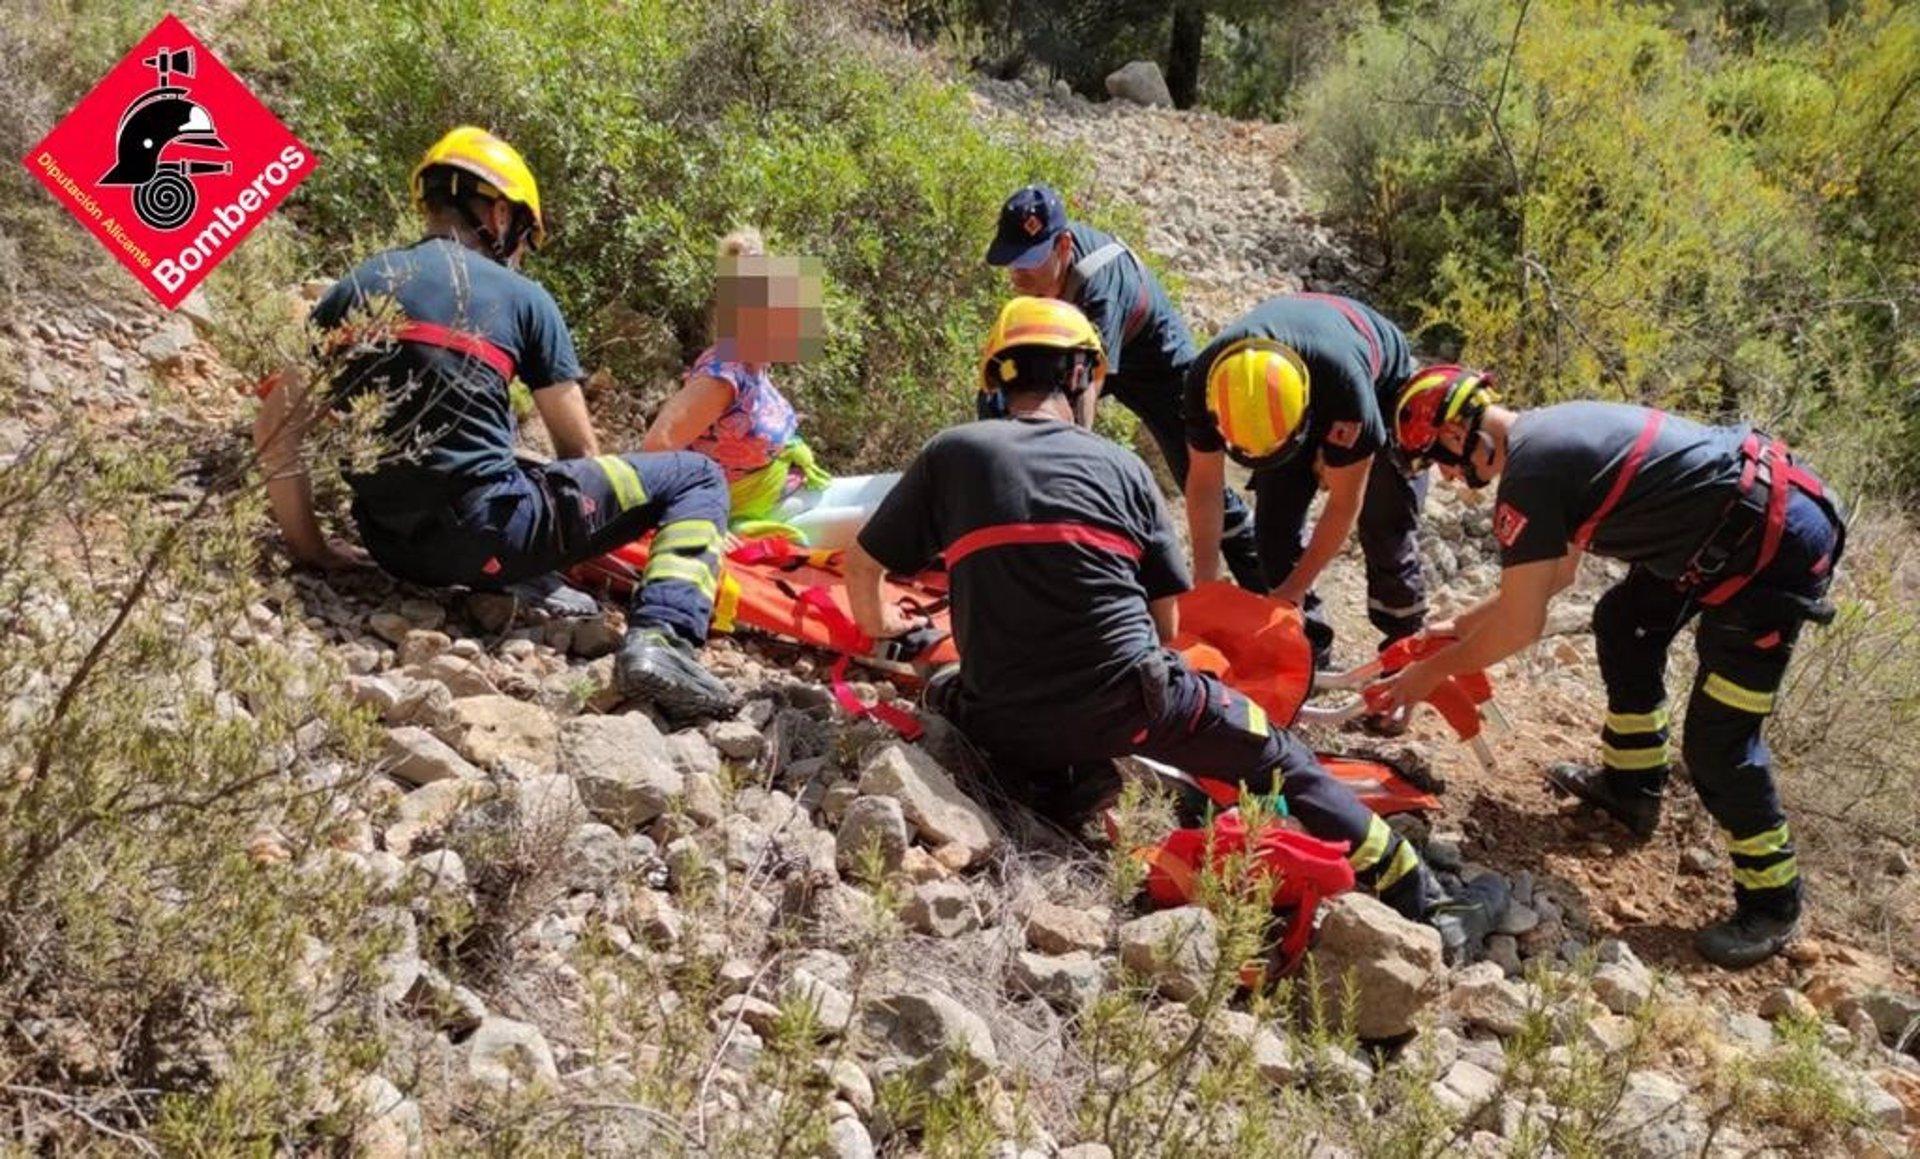 Rescatada una mujer tras sufrir una caía en la ruta de les Fonts d'Algar en Callosa d'En Sarrià